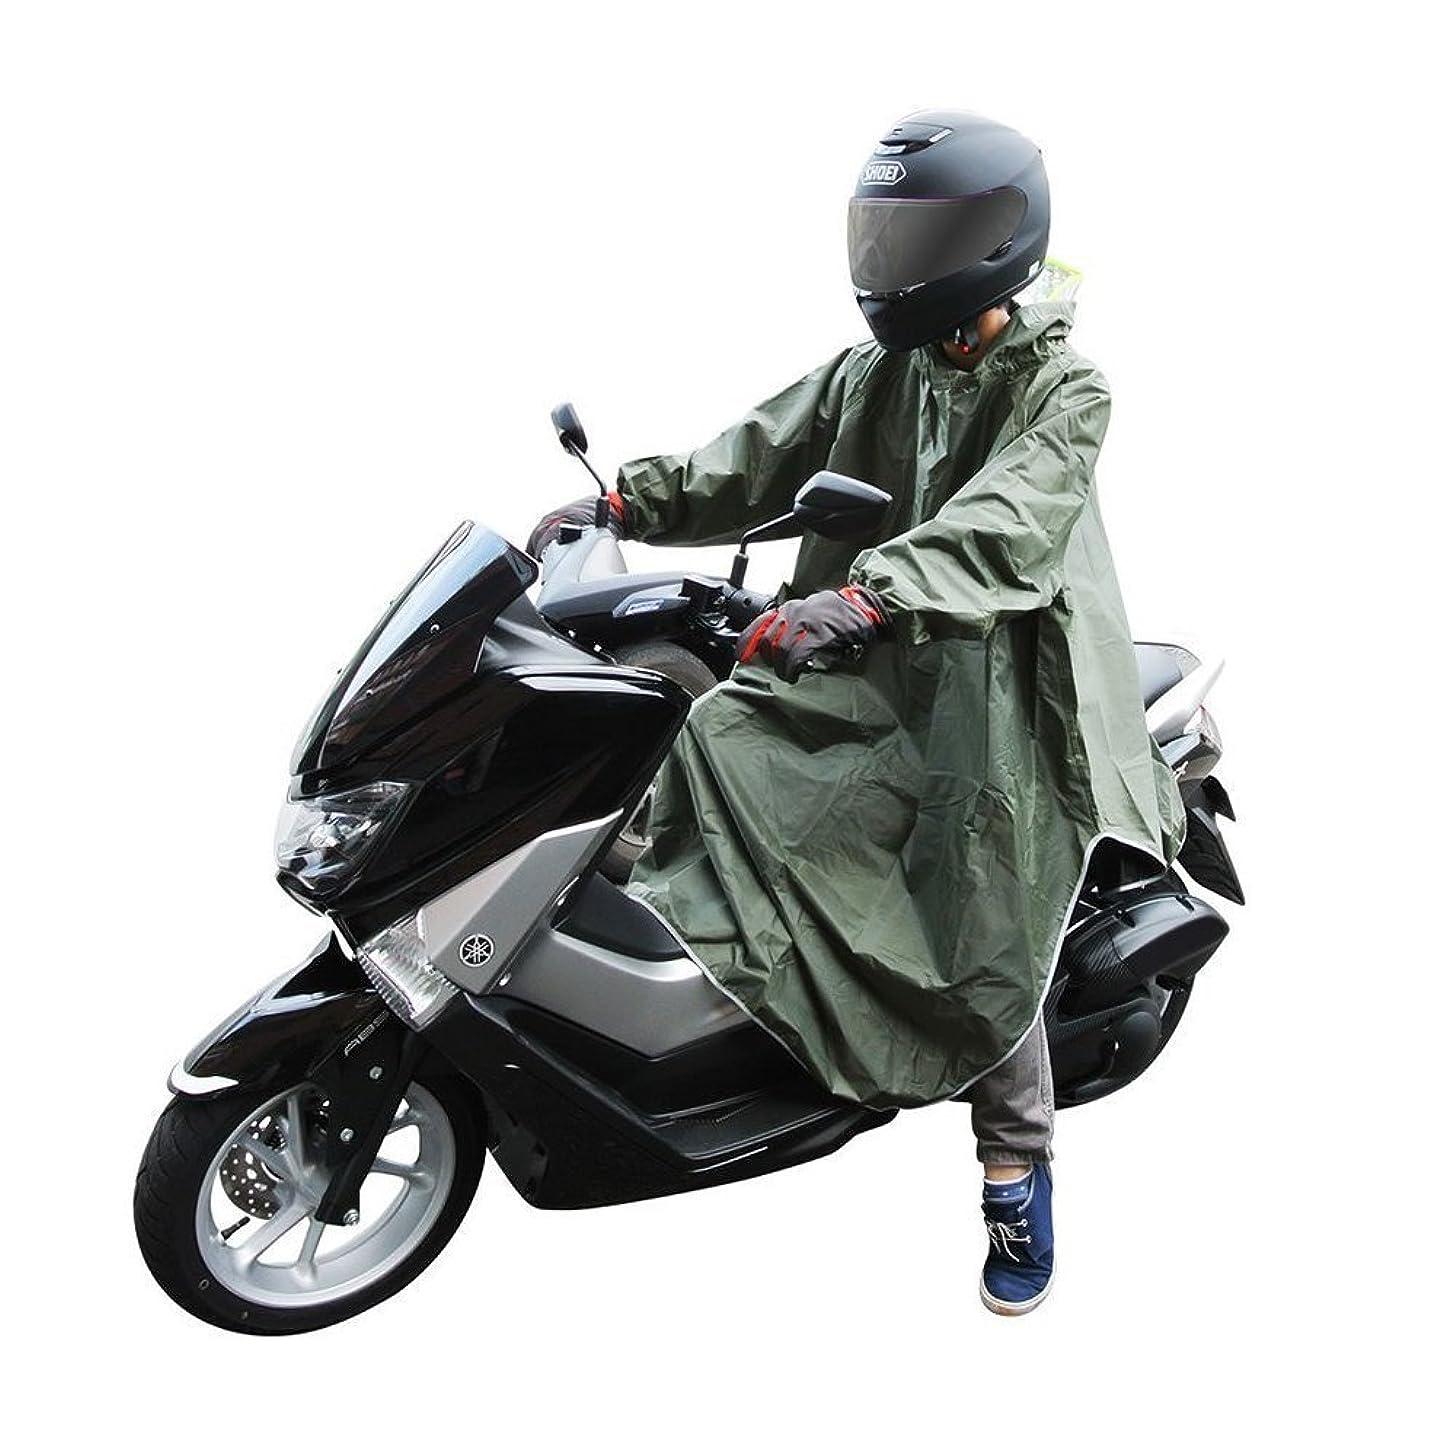 アンテナ地域の暖炉【Ventlax】 タクティカル グローブ サバゲー バイク 自転車 登山 様々なアクティビティに最適!! フルフィンガー ブラック L